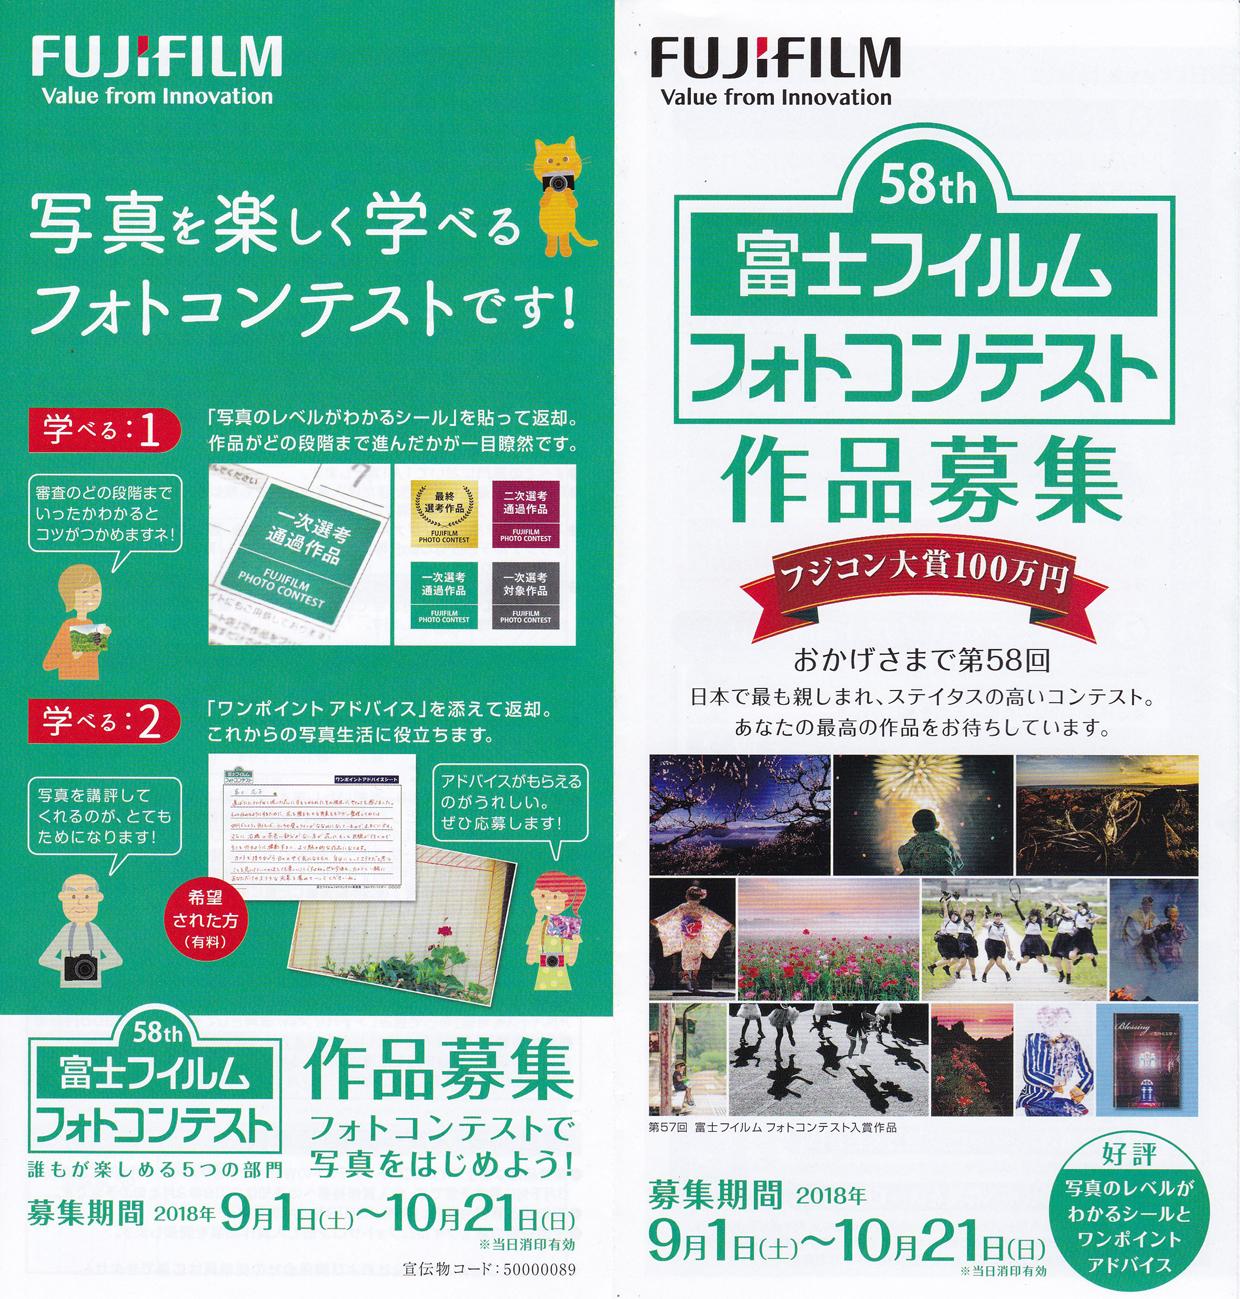 富士フイルムフォトコンテスト作品募集中!